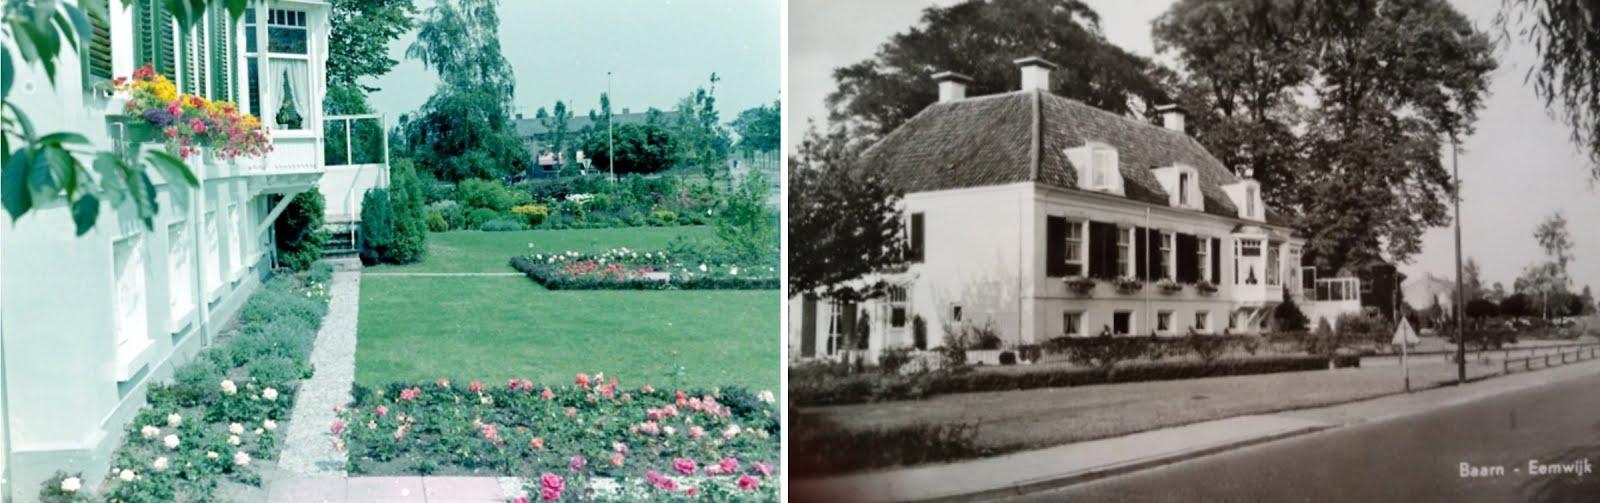 Groenegraf.nl: eemwijk